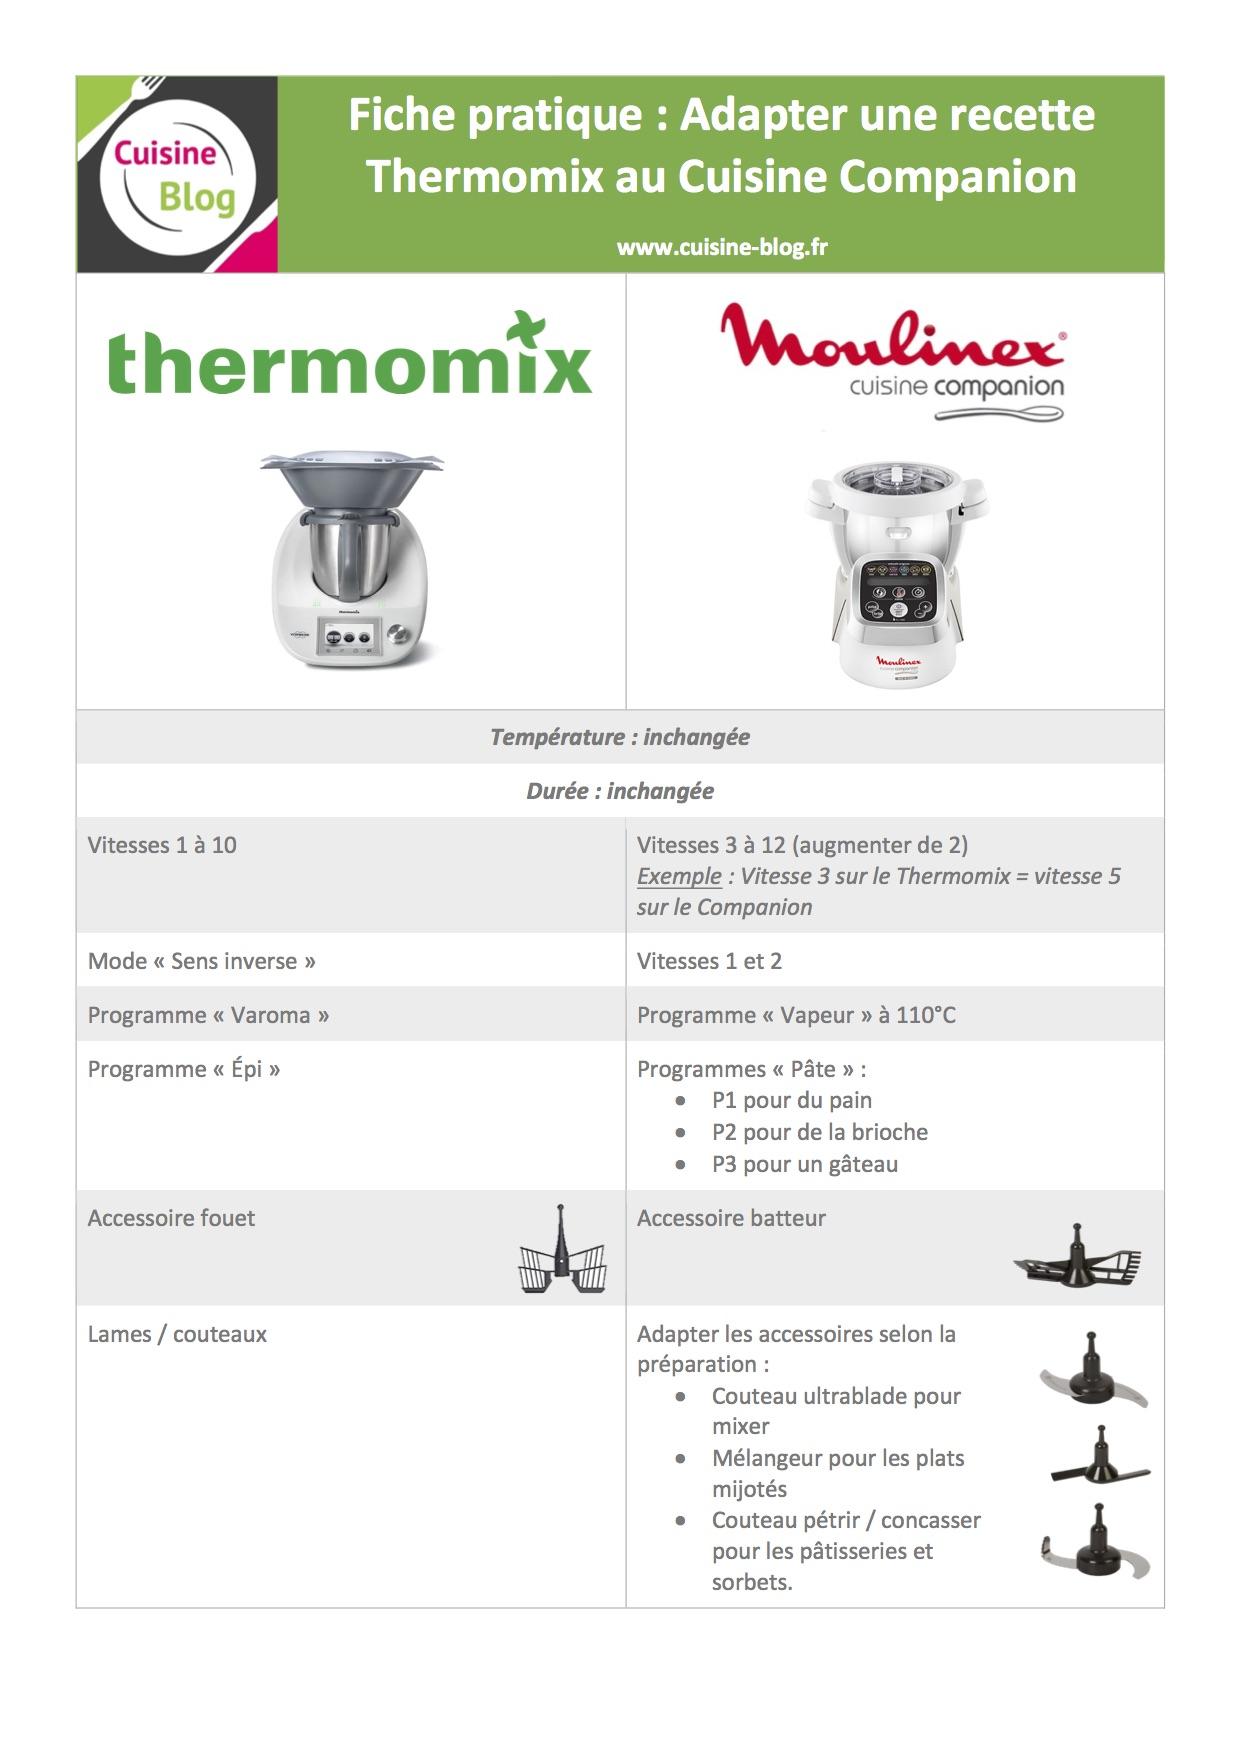 fiche pratique adapter les recettes du thermomix au. Black Bedroom Furniture Sets. Home Design Ideas